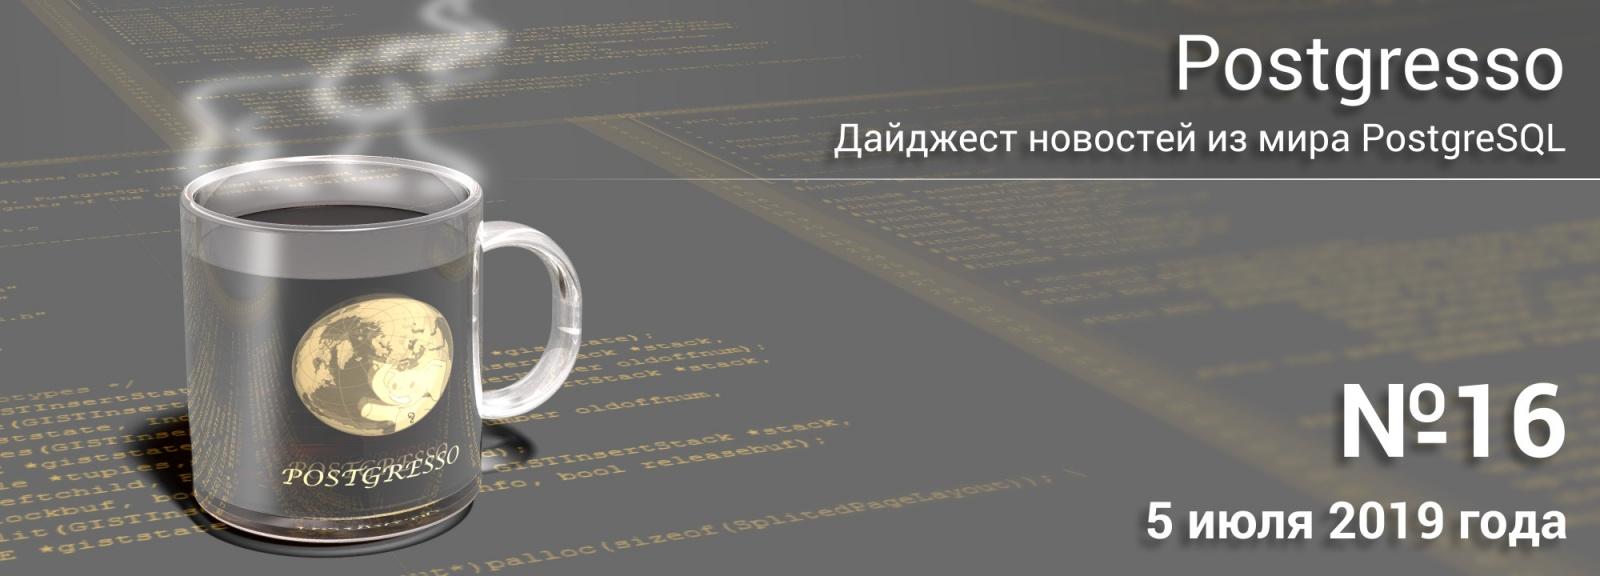 Дайджест новостей из мира PostgreSQL. Выпуск №16 - 1